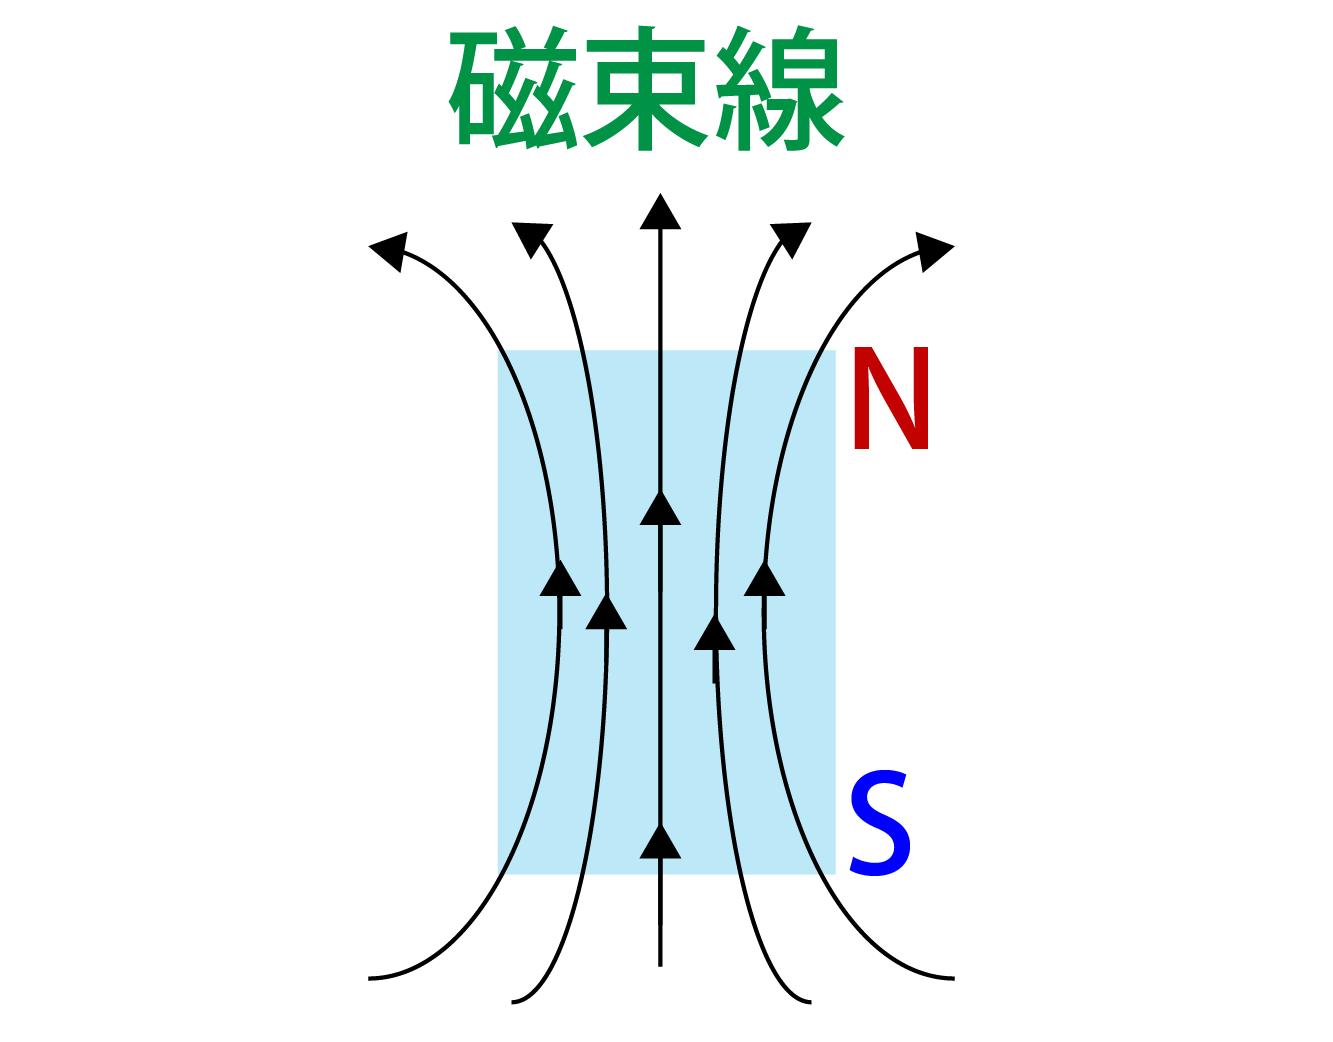 磁束線とは何かの解説画像